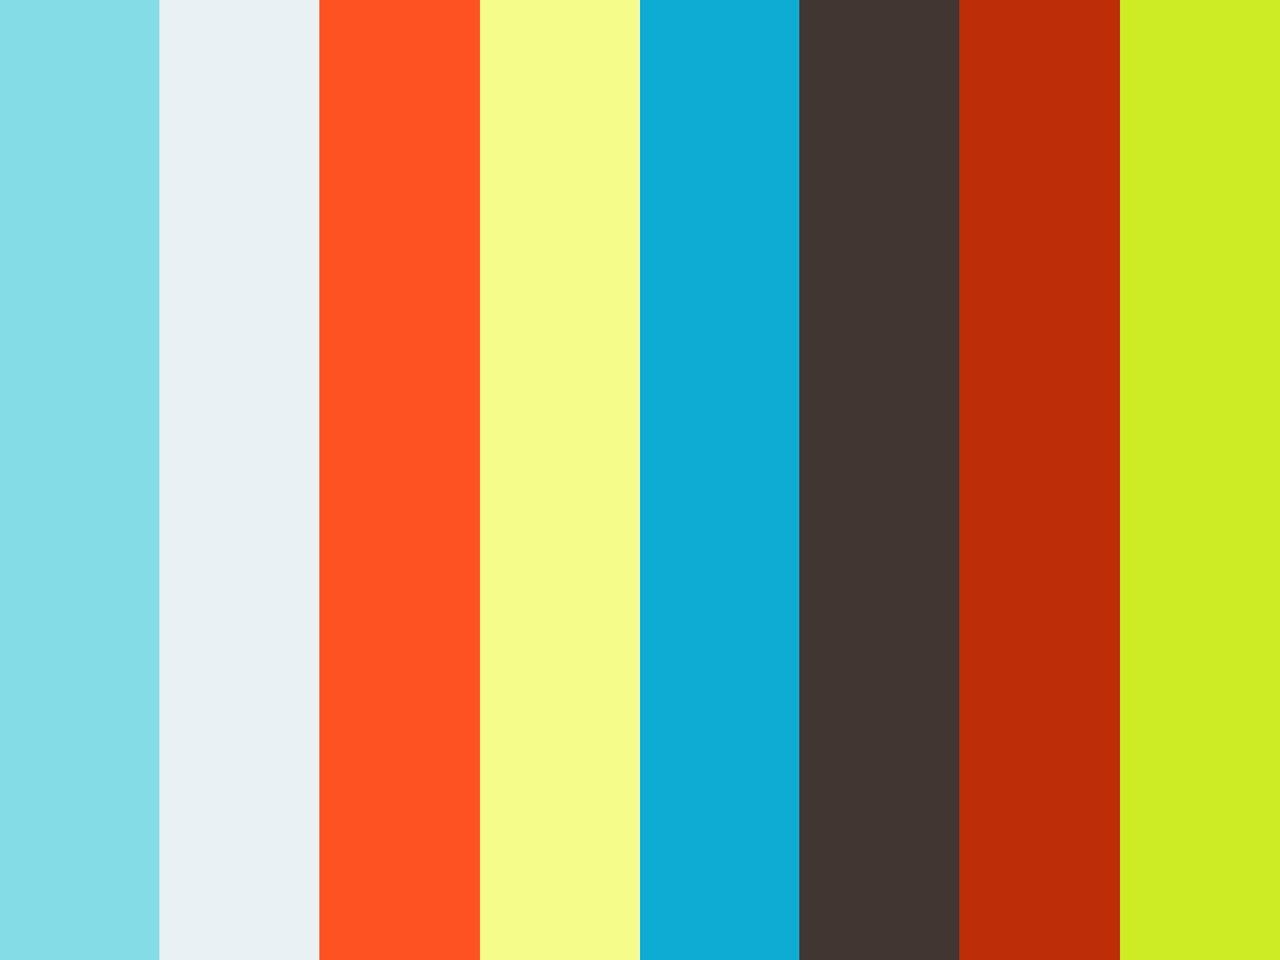 20170604 br. E Witkamp, Thema: Blus de Geest niet uit